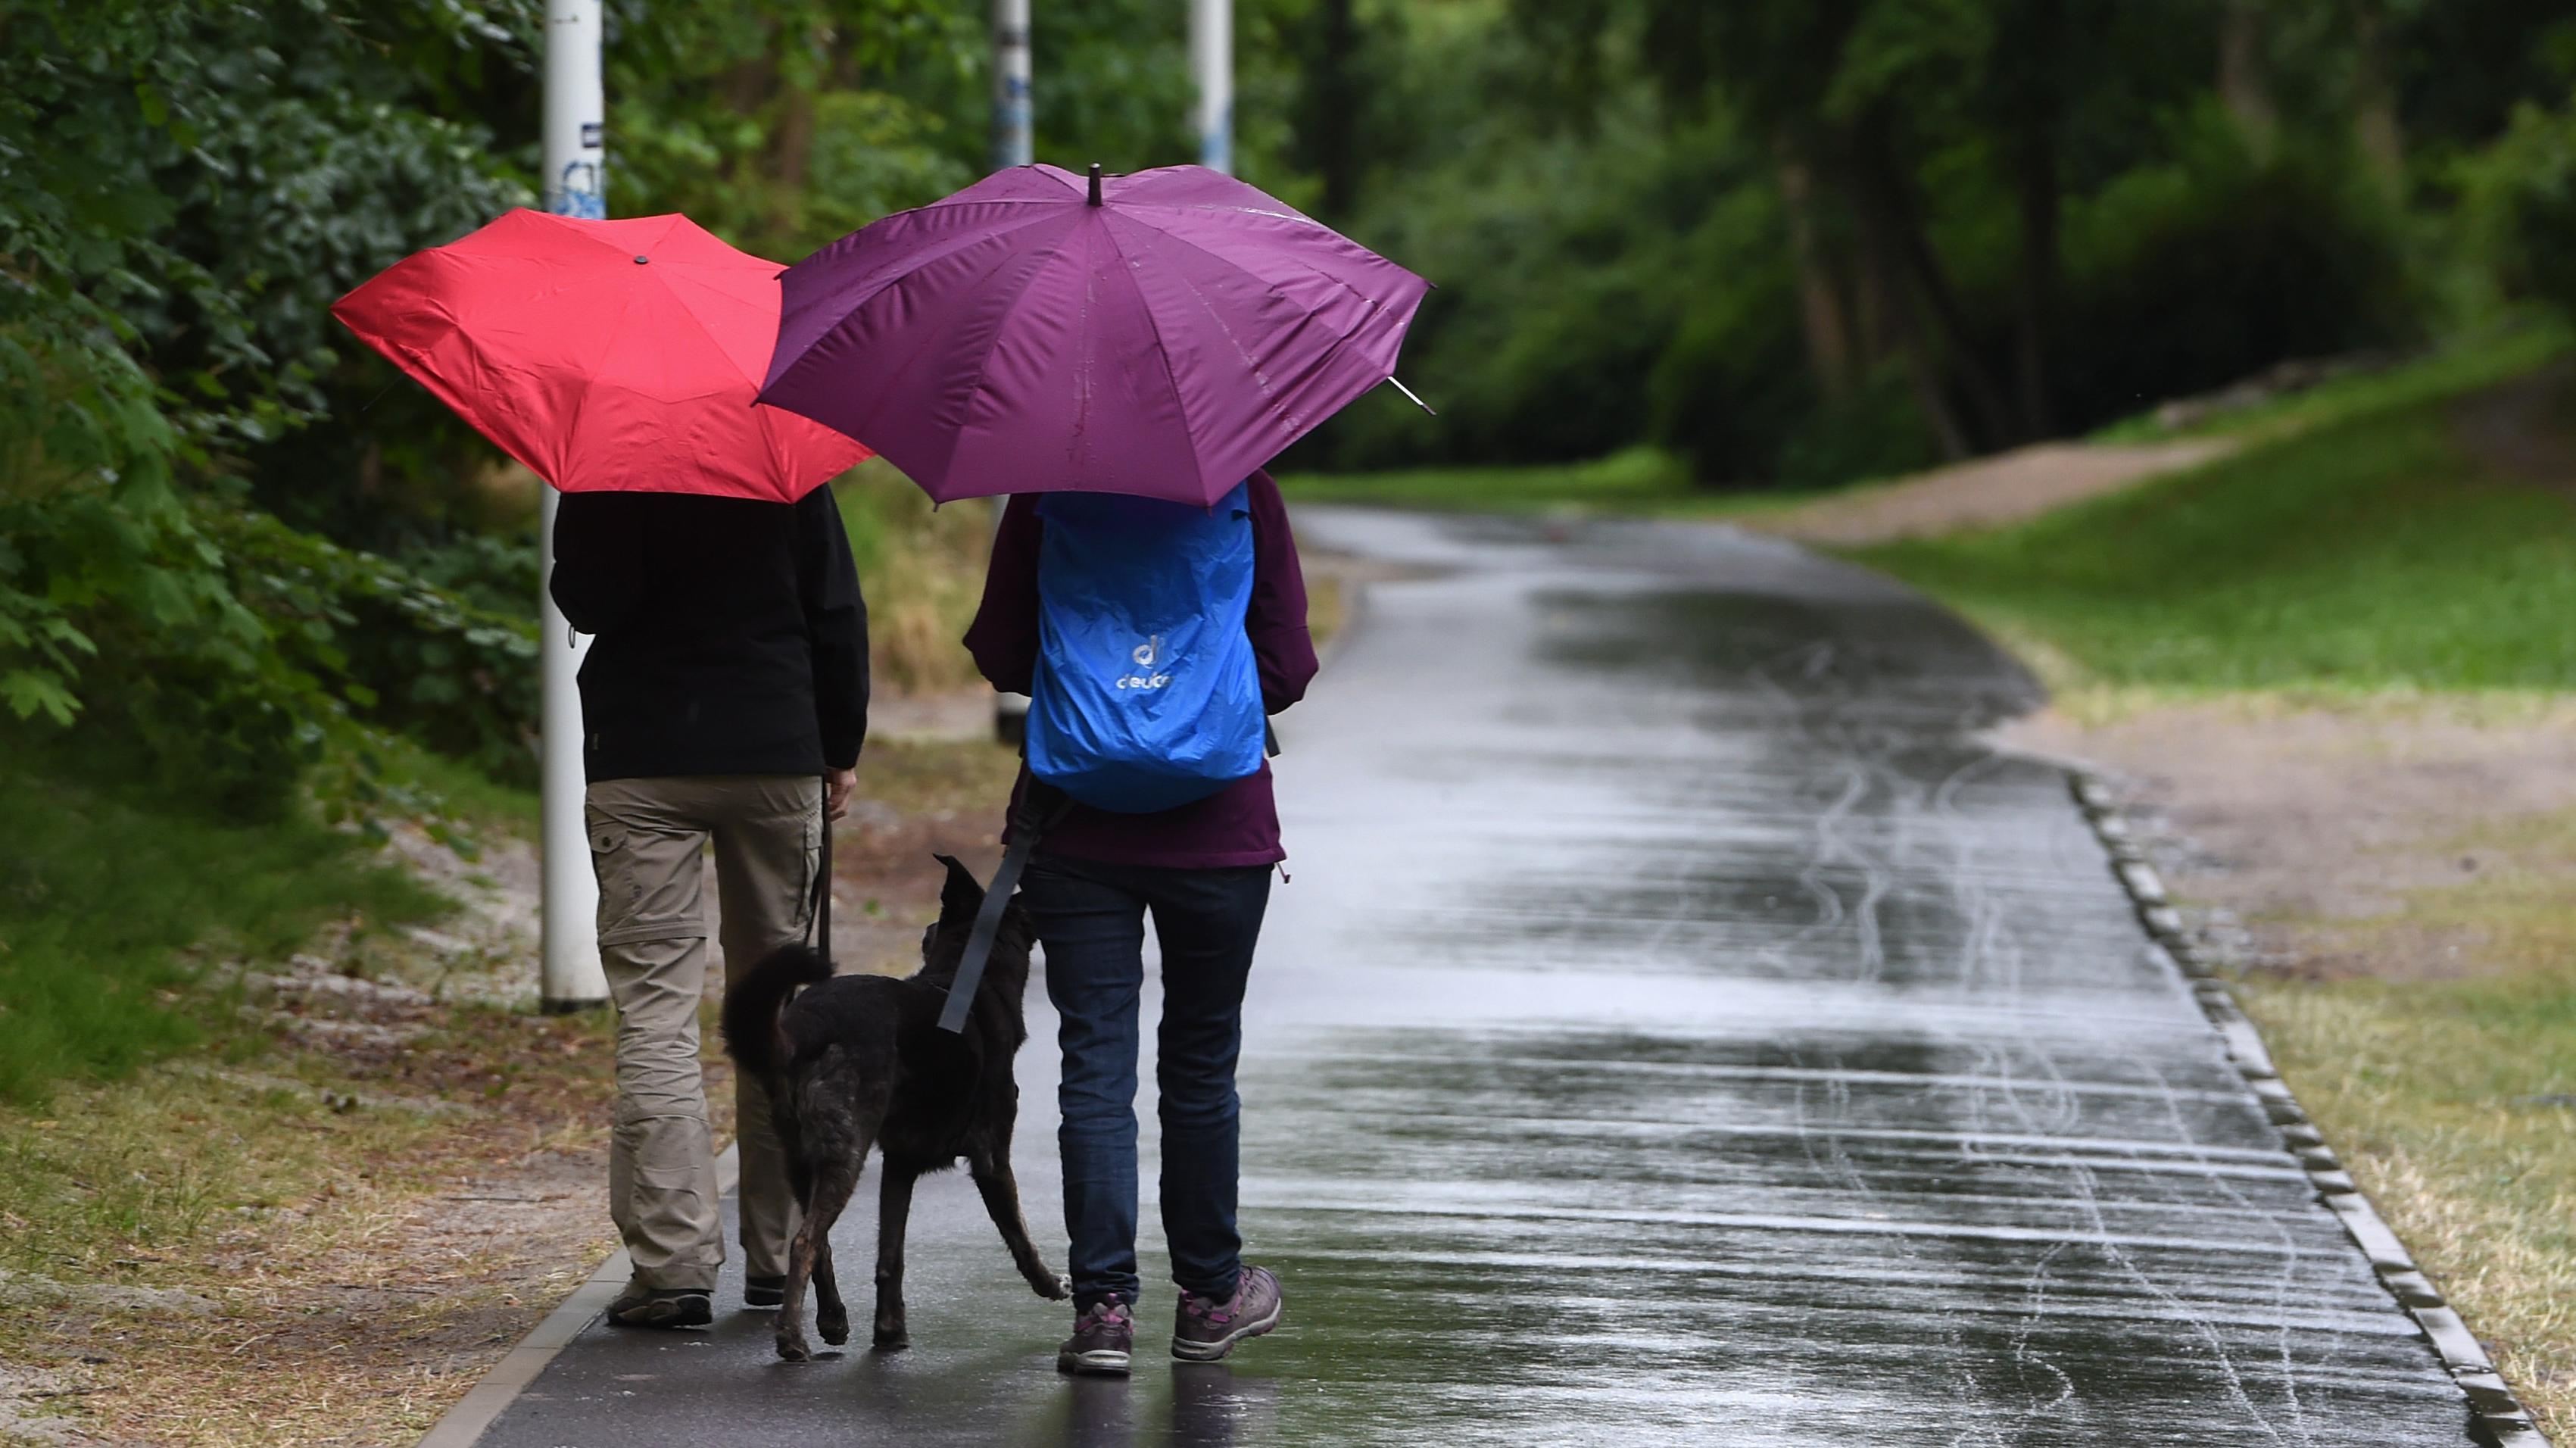 Spaziergänger mit einem Hund und Regenschirmen